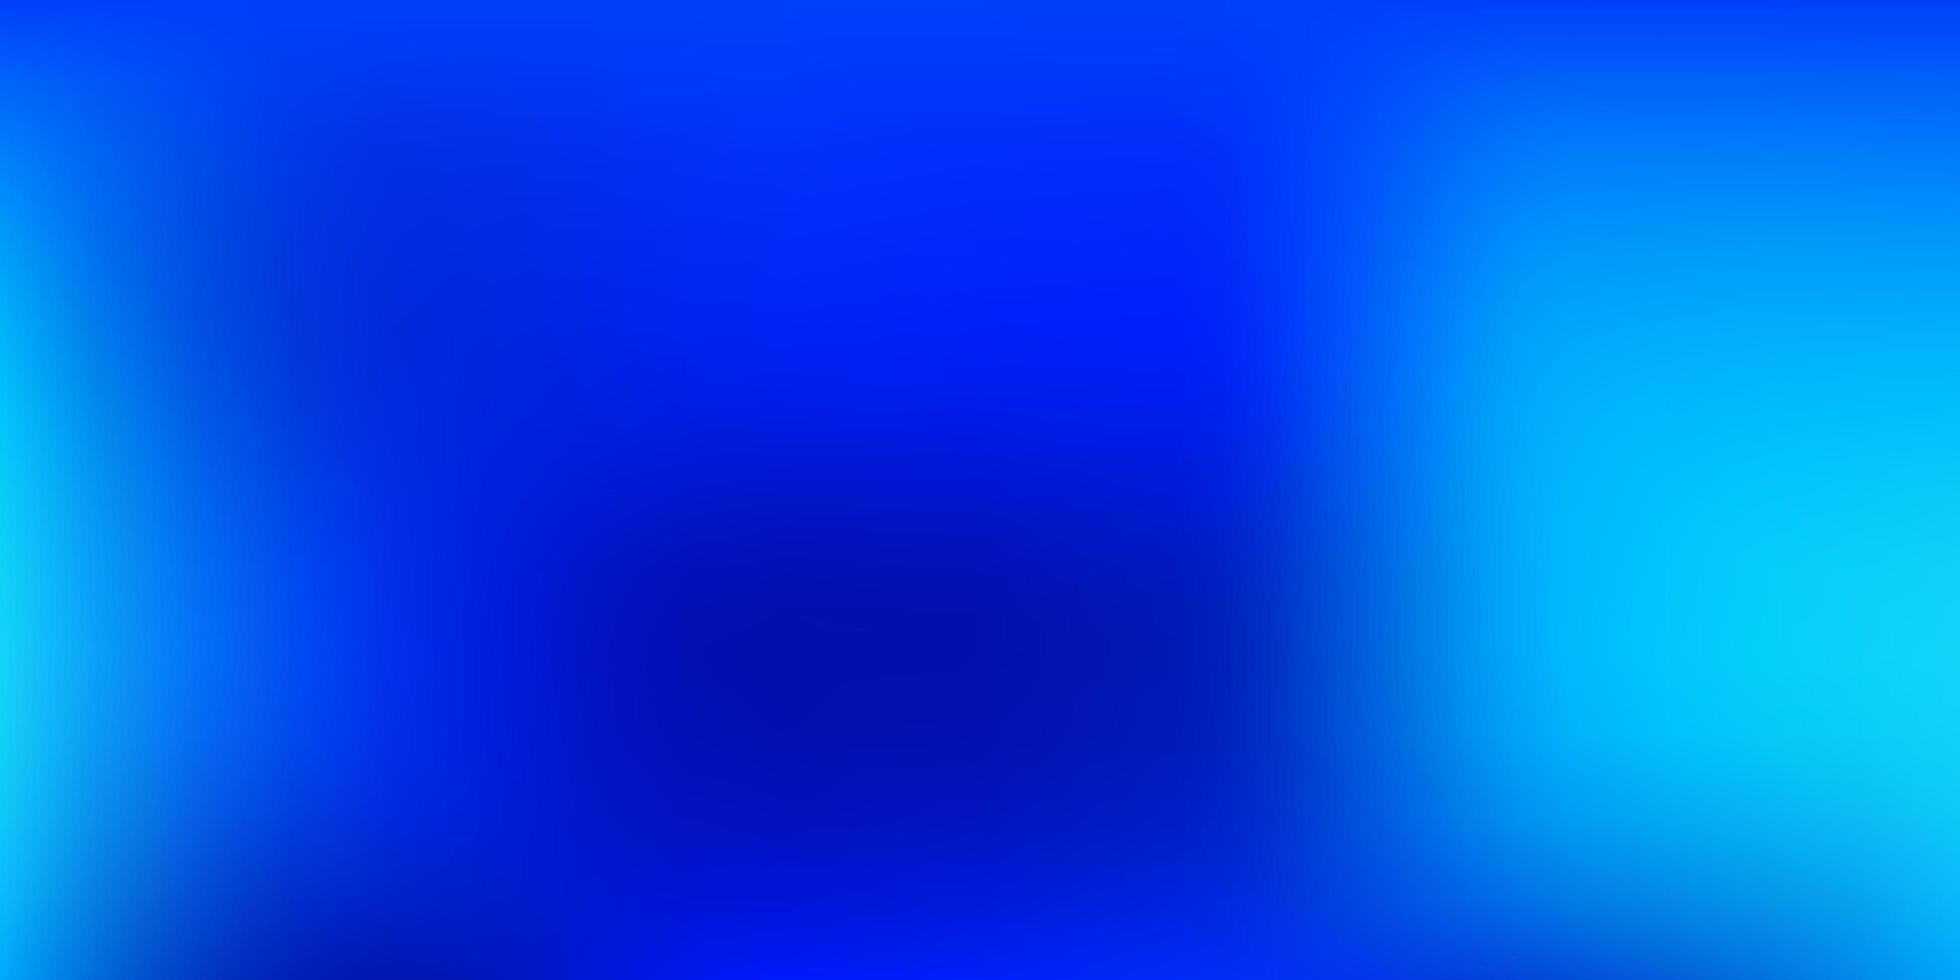 sfondo sfocato vettoriale blu scuro.